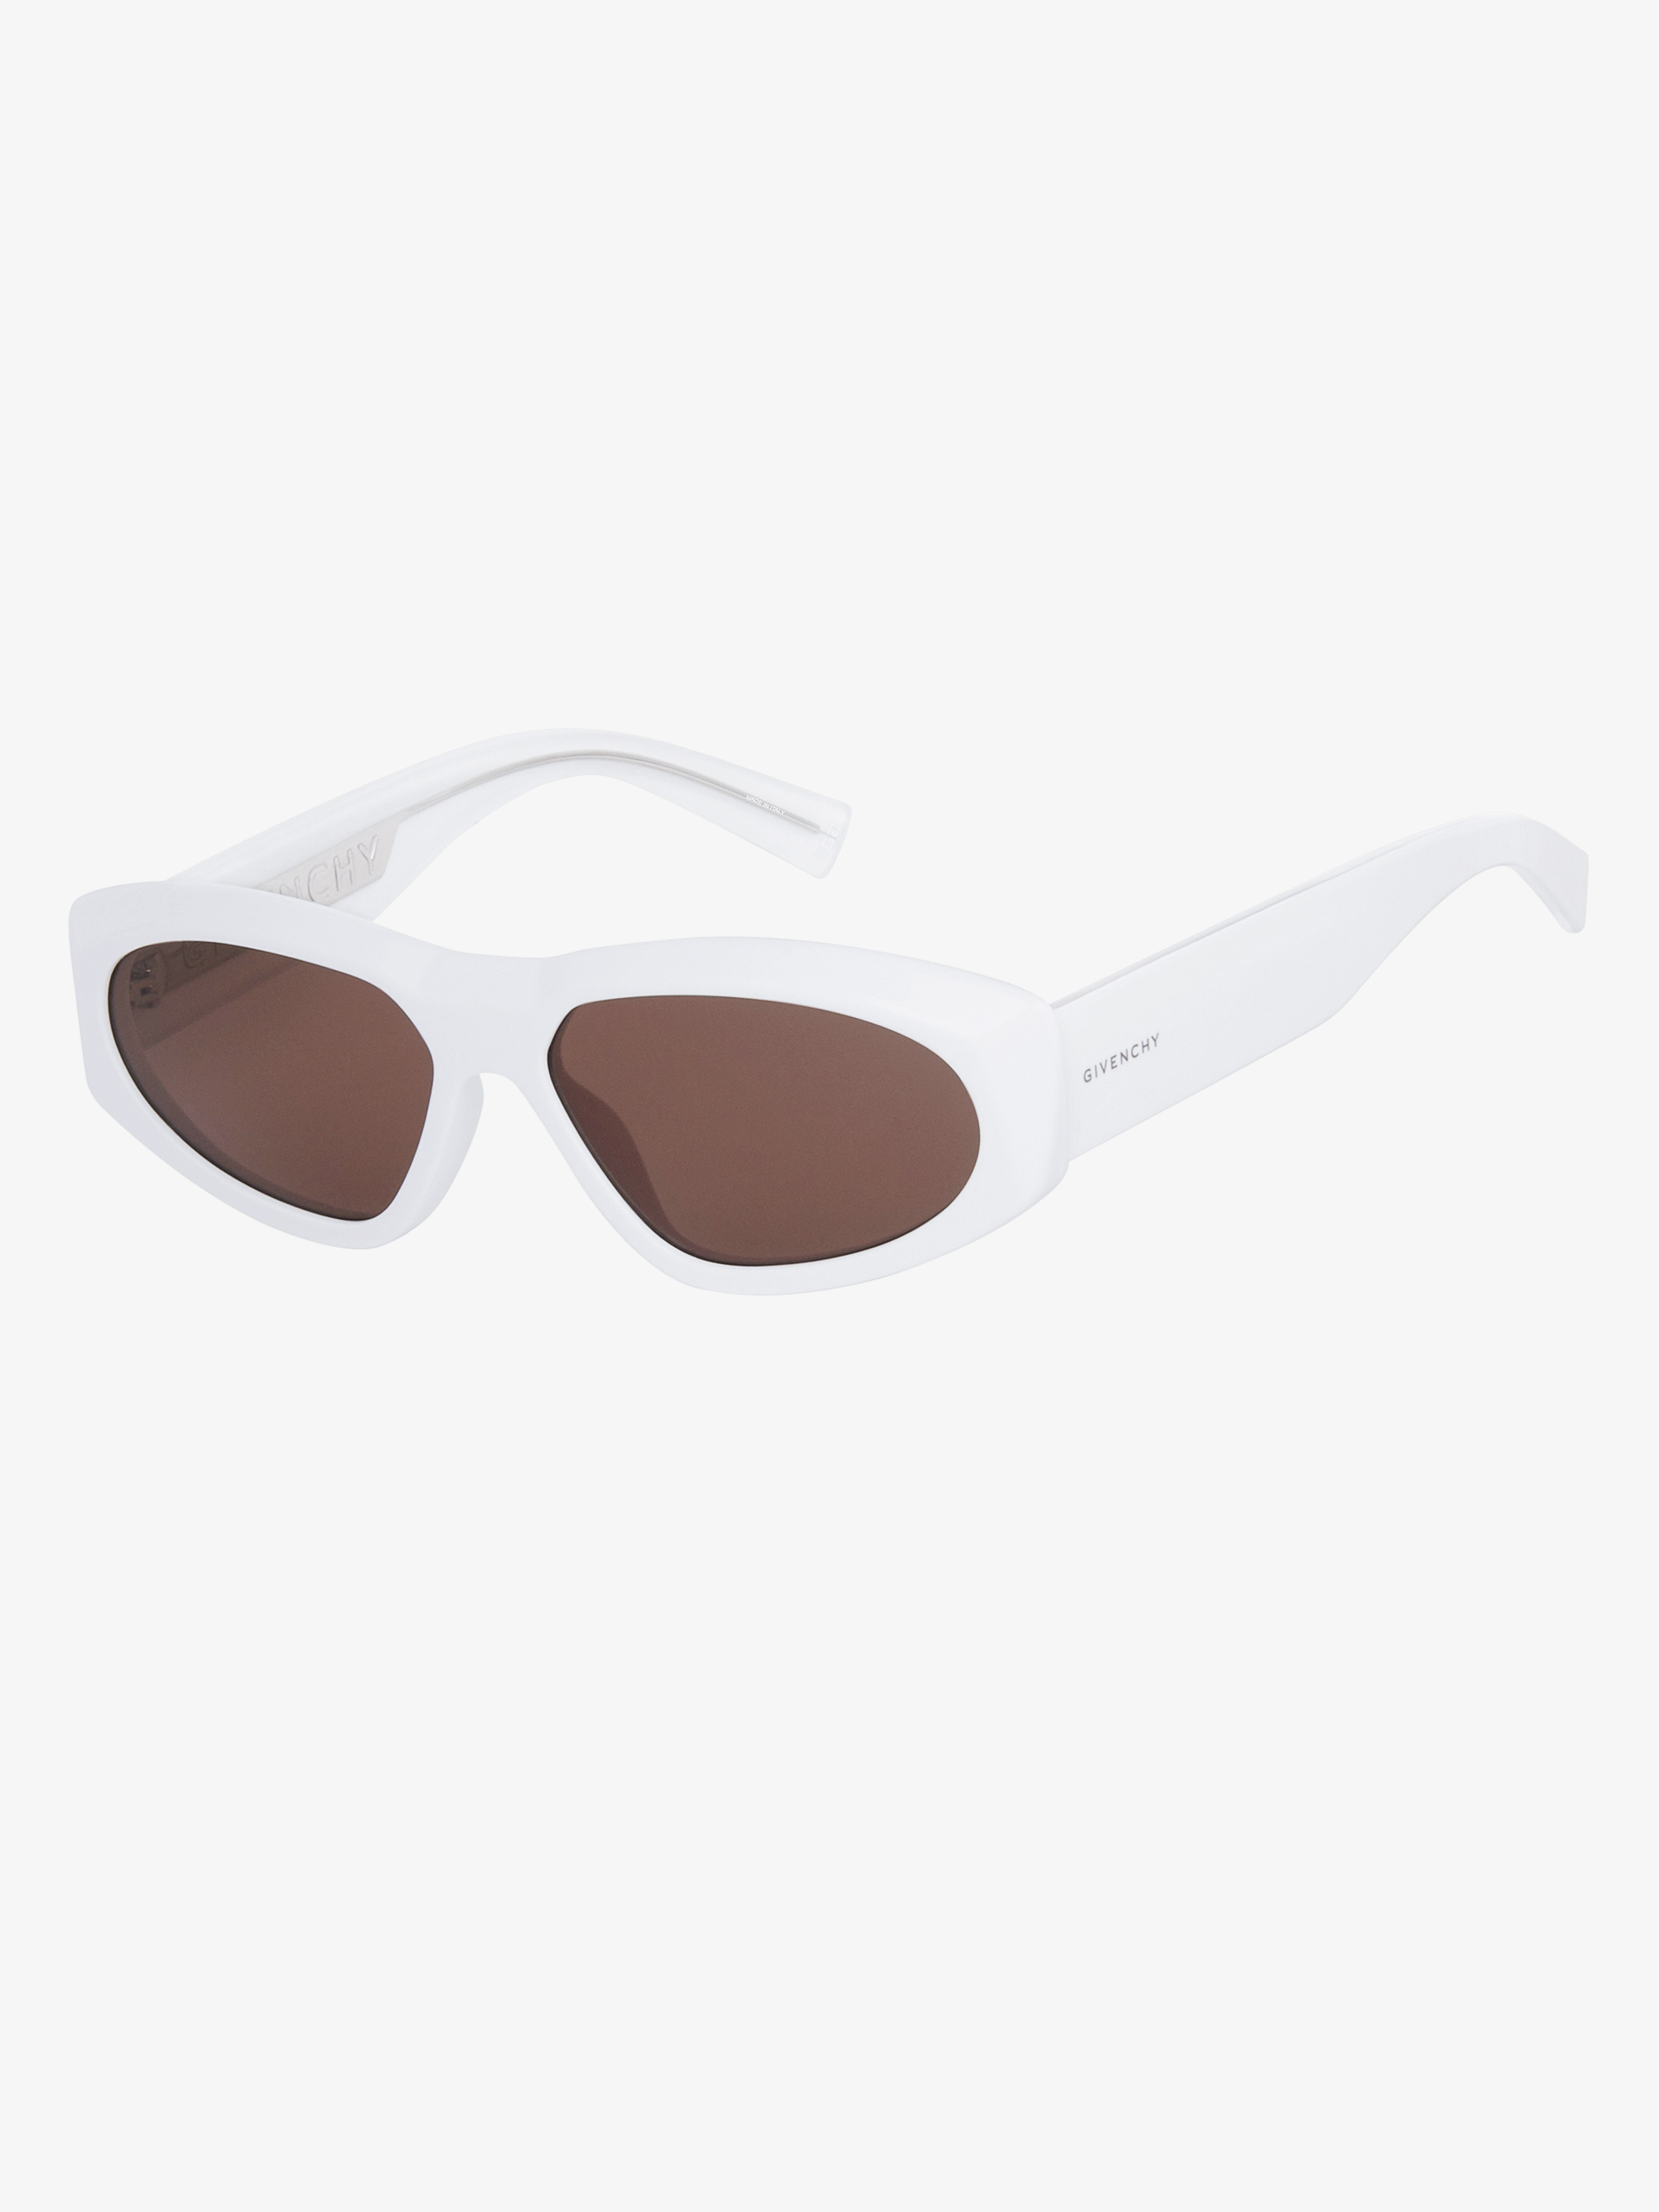 GV Anima unisex sunglasses in acetate